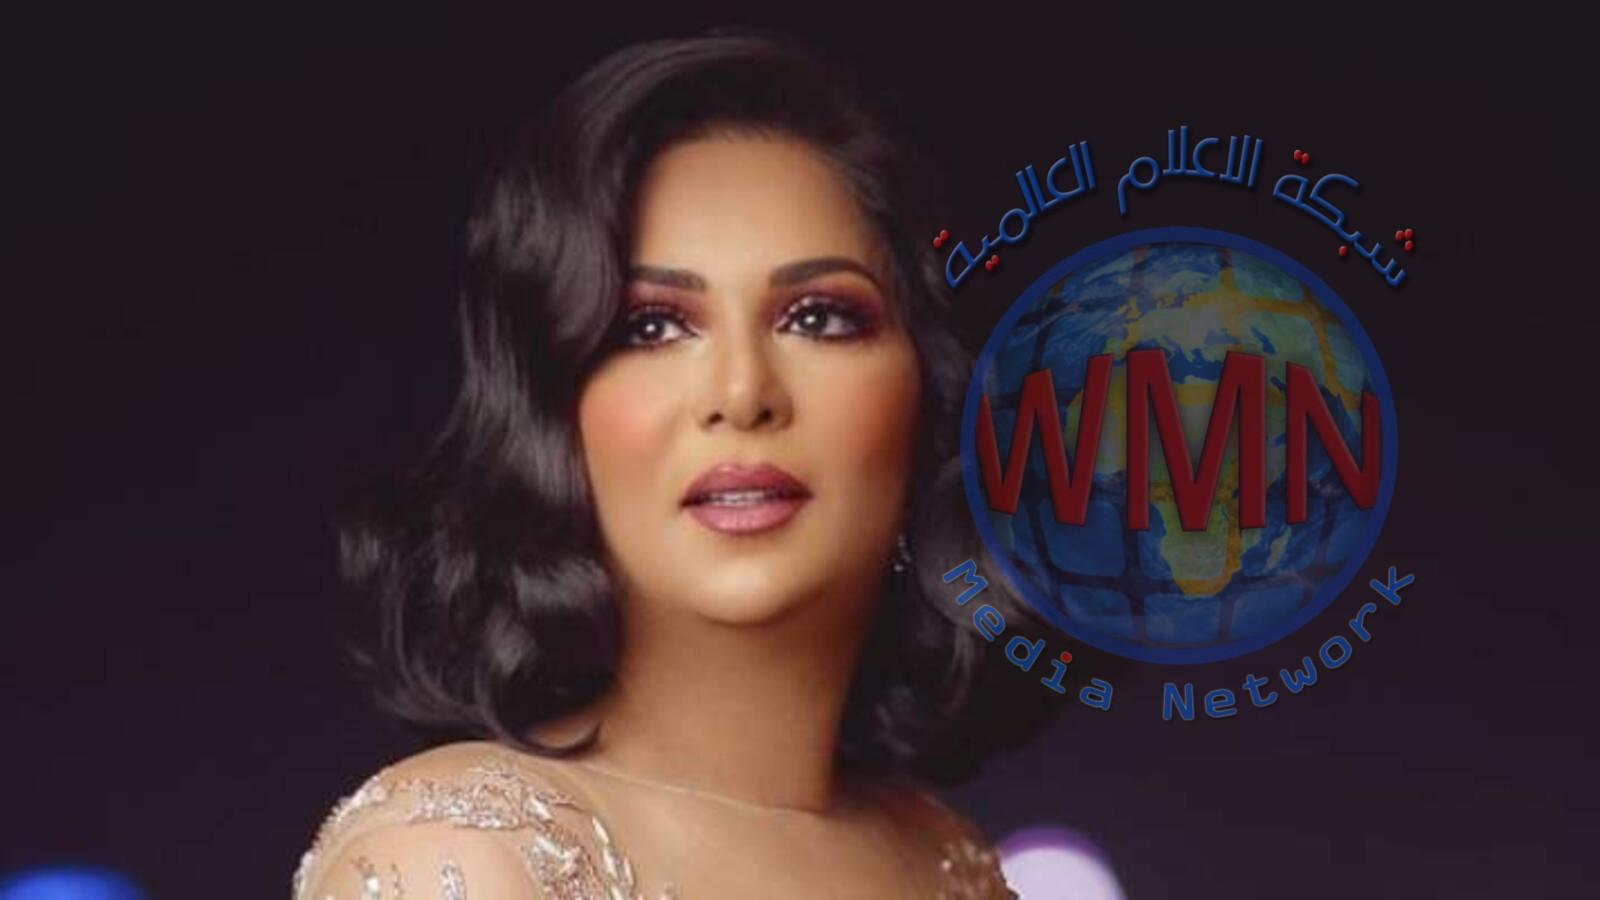 شقيقة الفنانة نوال الكويتية تخطف الأنظار في أول ظهور لها..شاهدوا إطلالتها (صورة)